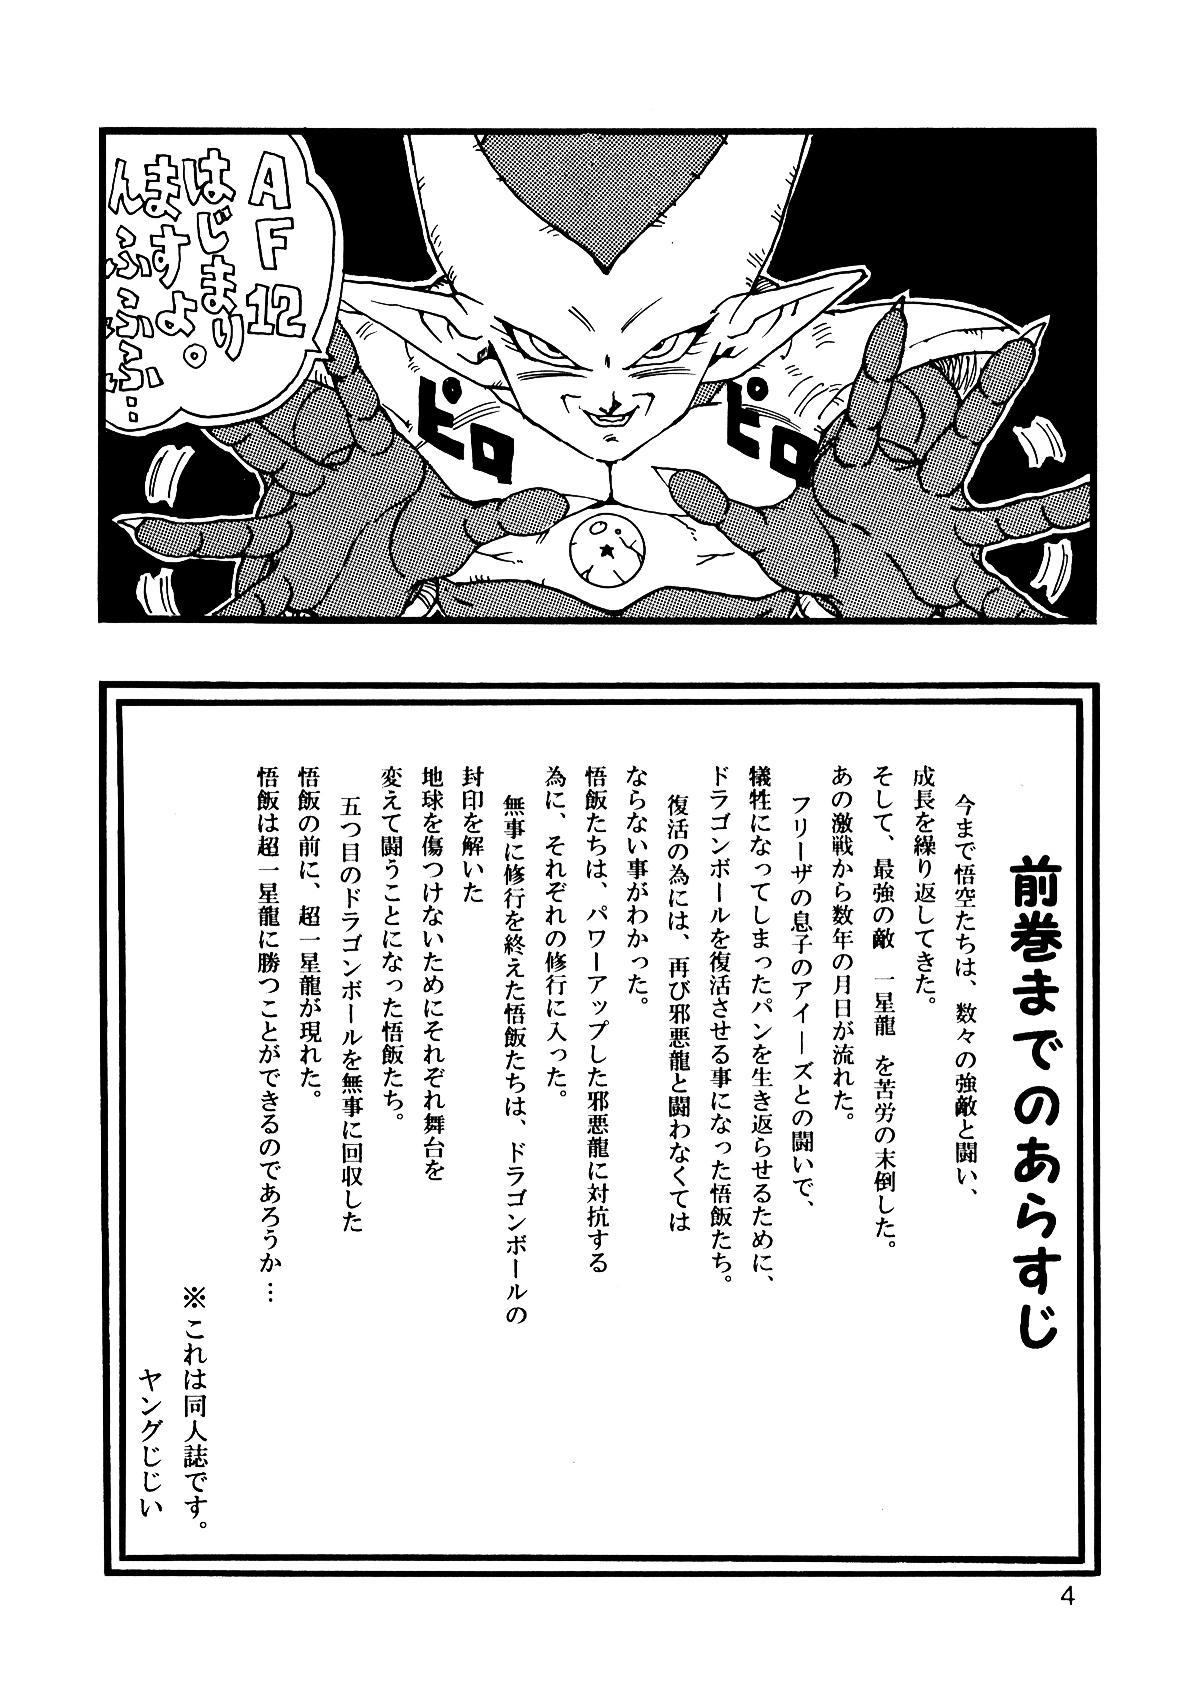 Dragon Ball AF Vol. 12 4